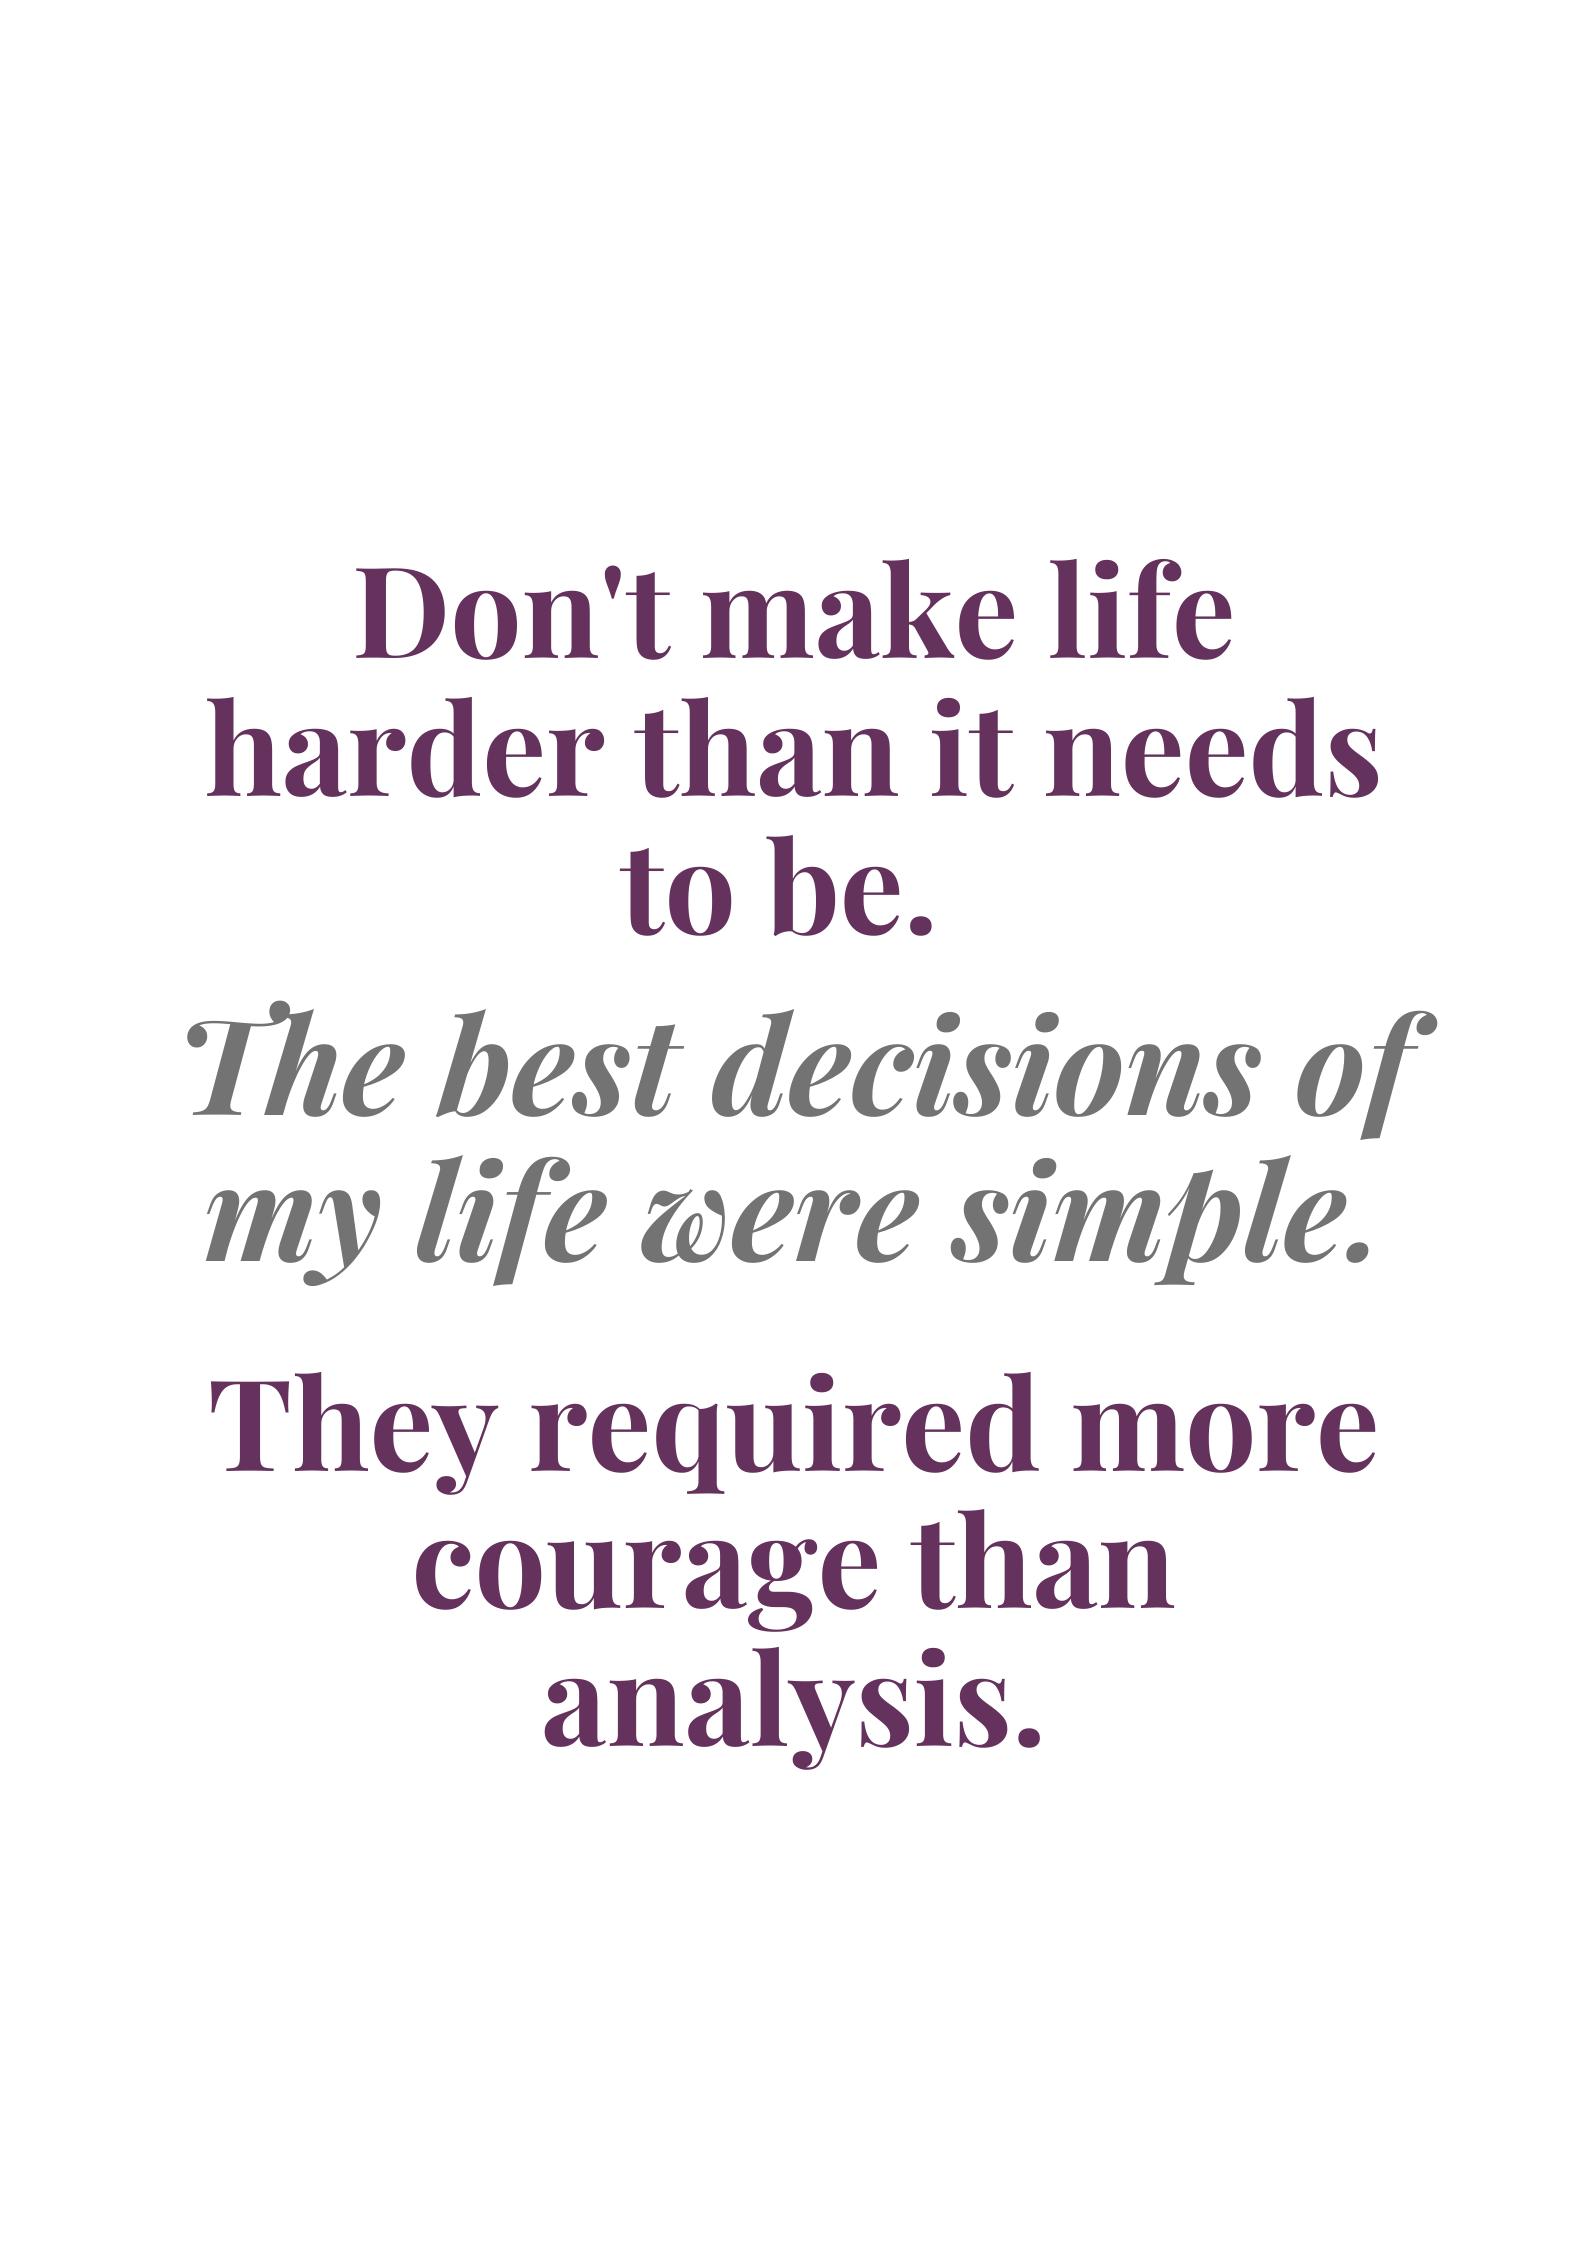 Analysis Paralysis Analysis Words Simple Life